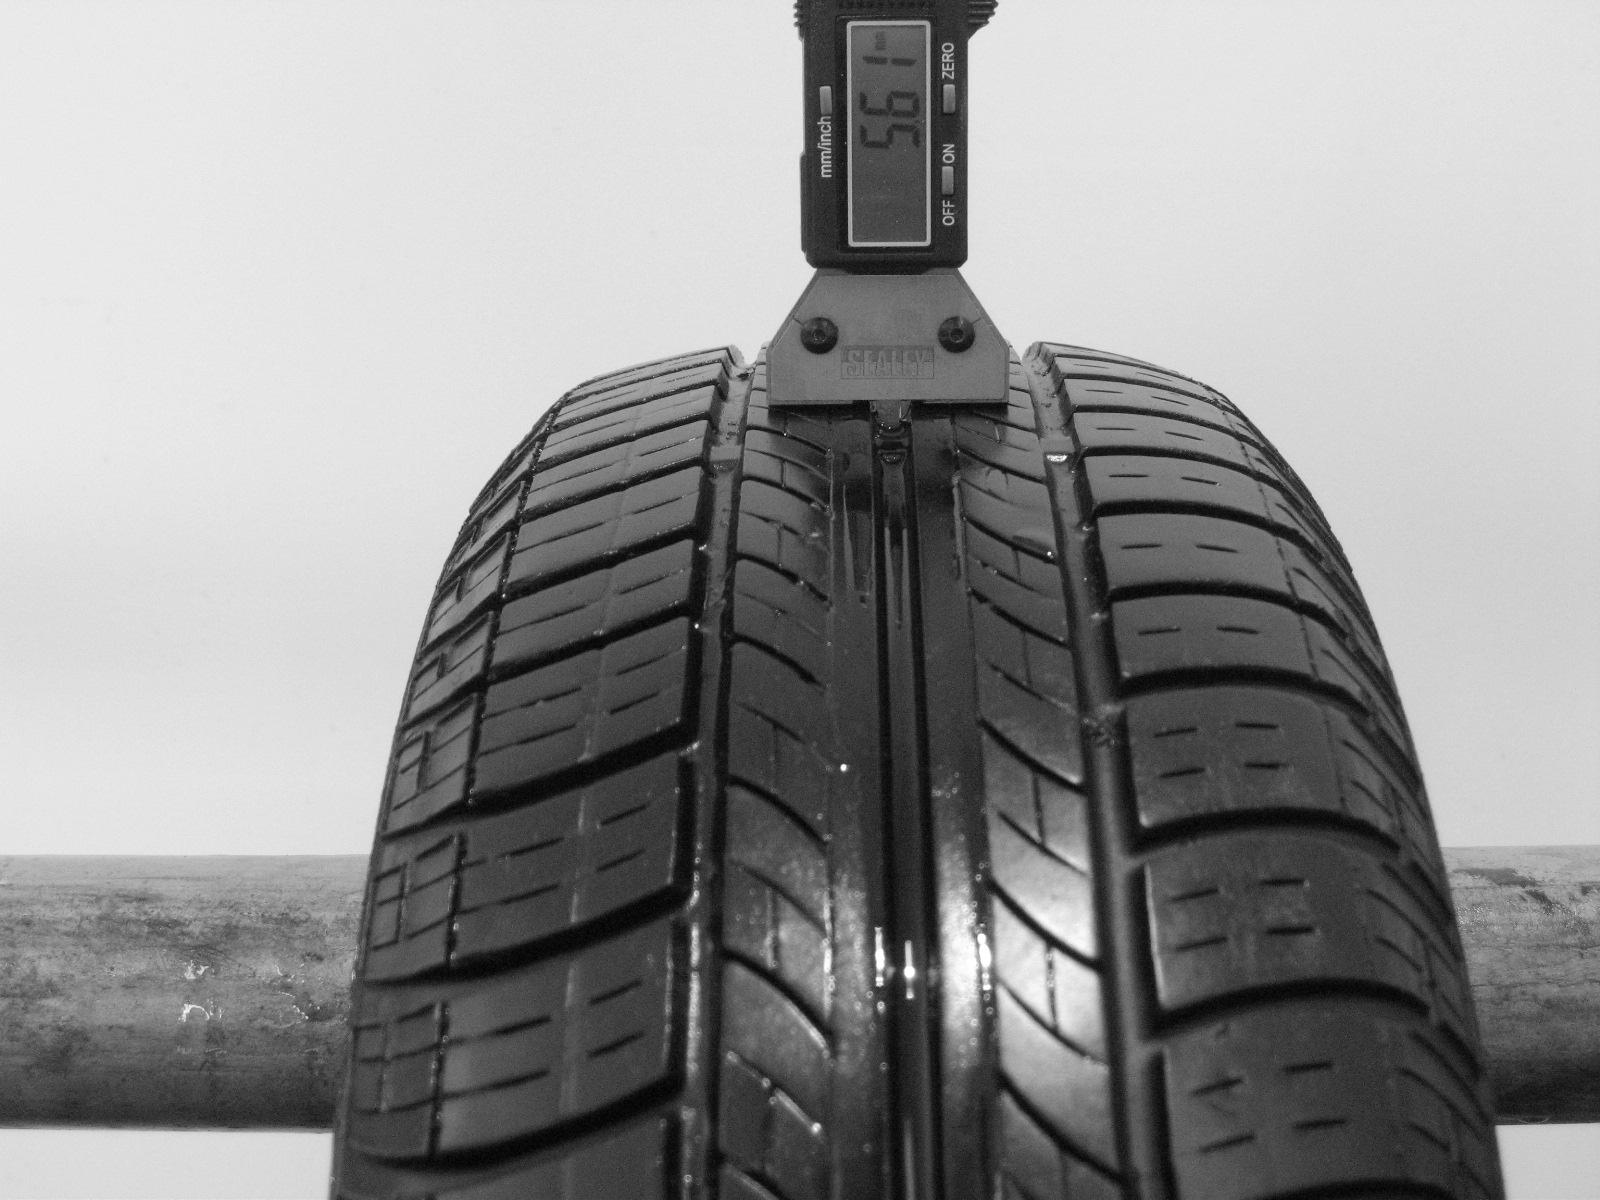 Použité-Pneu-Bazar - 175/65 R14 C CONTINENTAL VANCOCONTACT-kusovka-rezerva 3mm